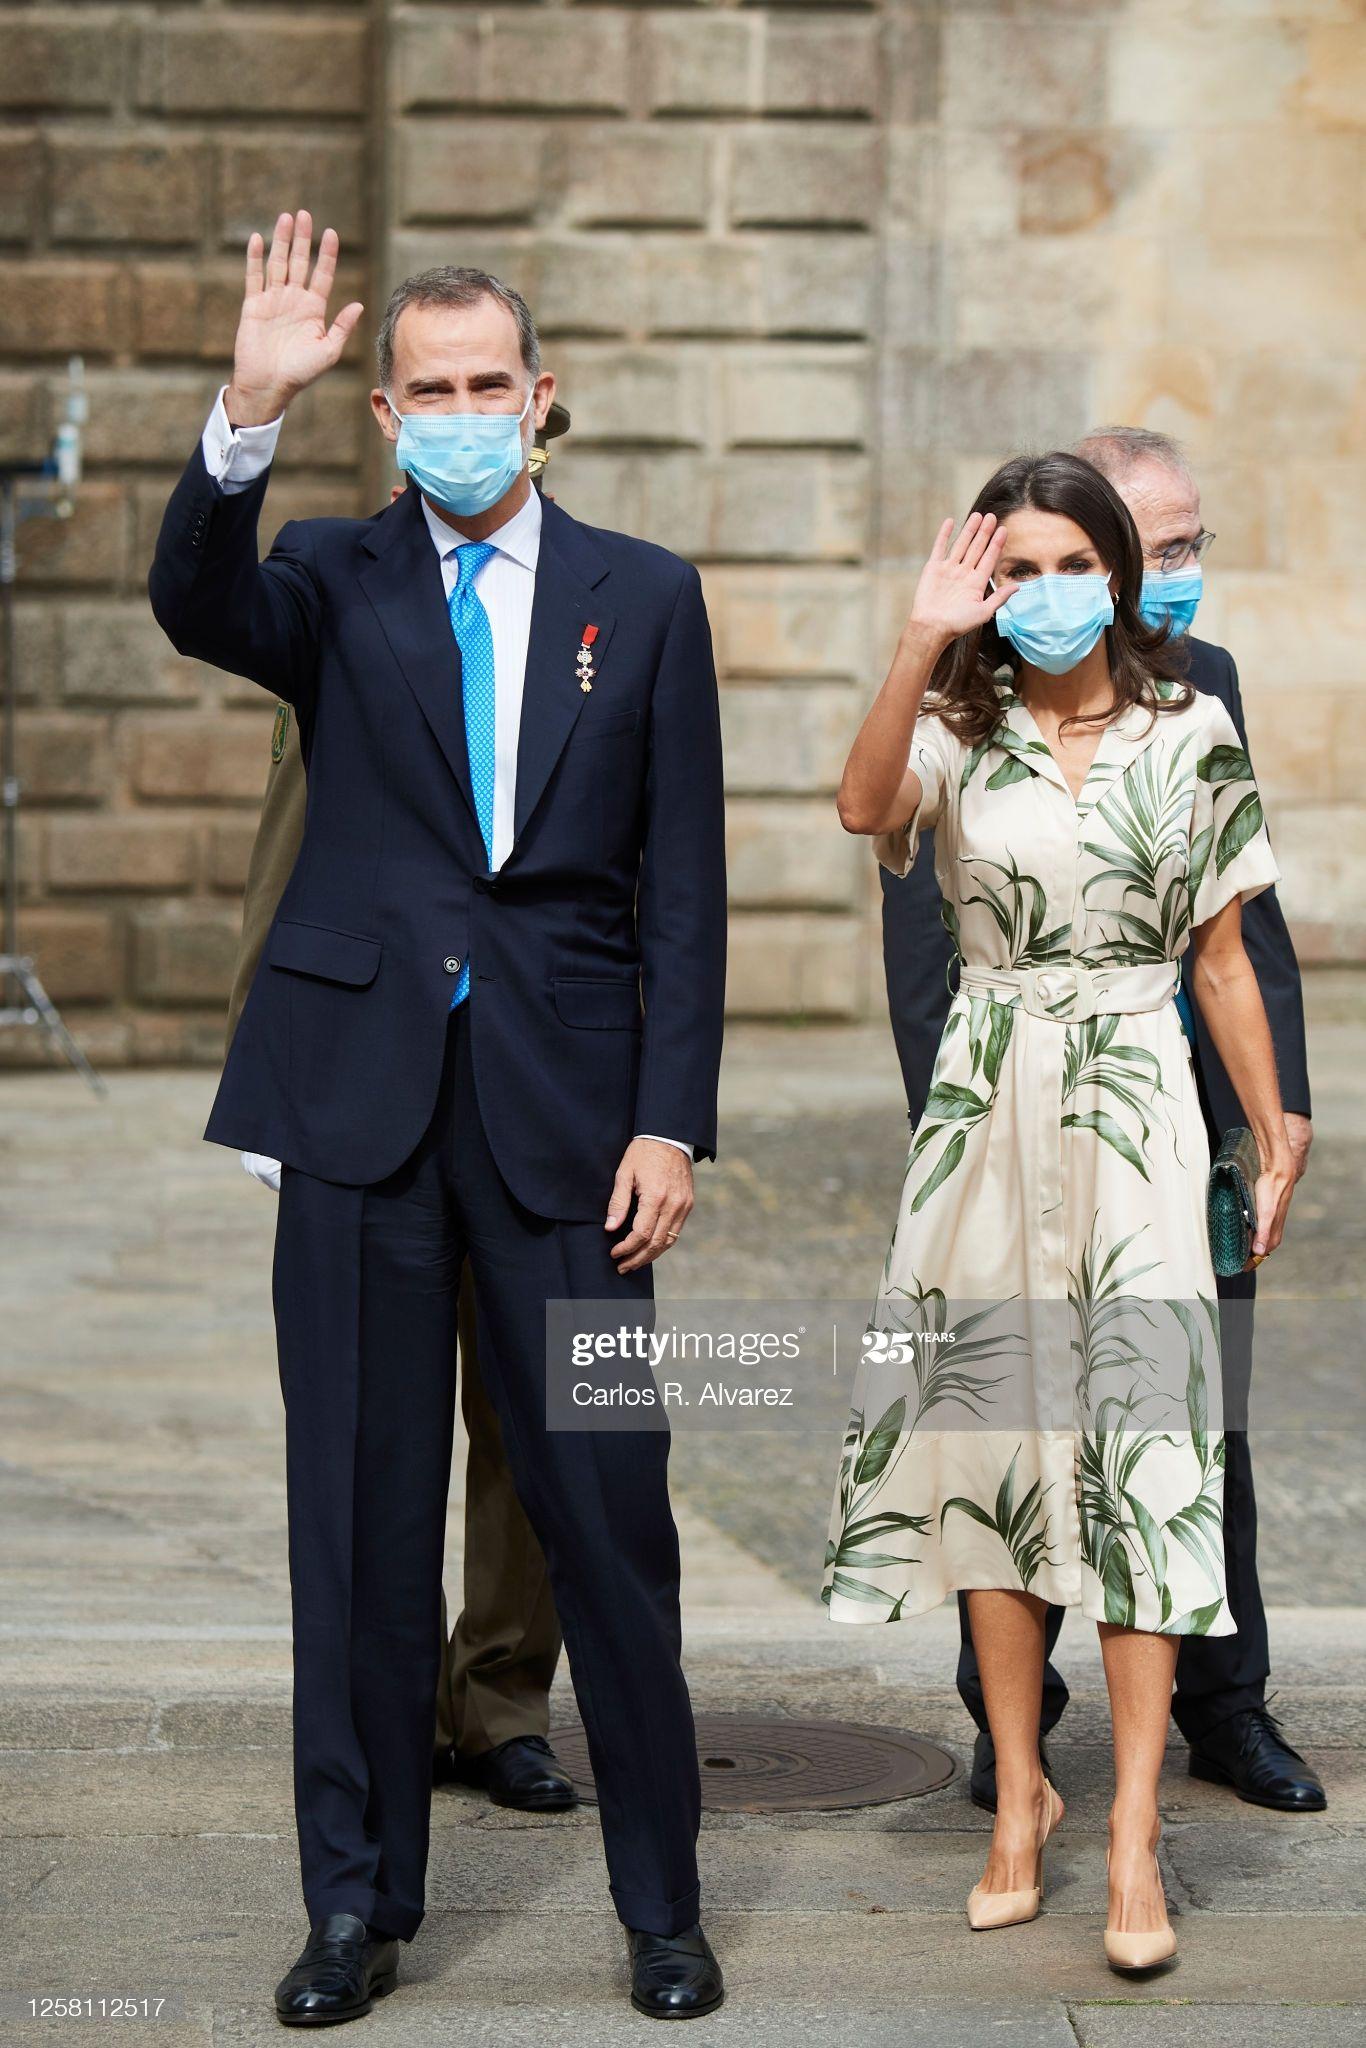 Fotografía De Noticias King Felipe Vi Of Spain And Queen Letizia Of En 2020 Estilo Real Pareja Elegante Queen